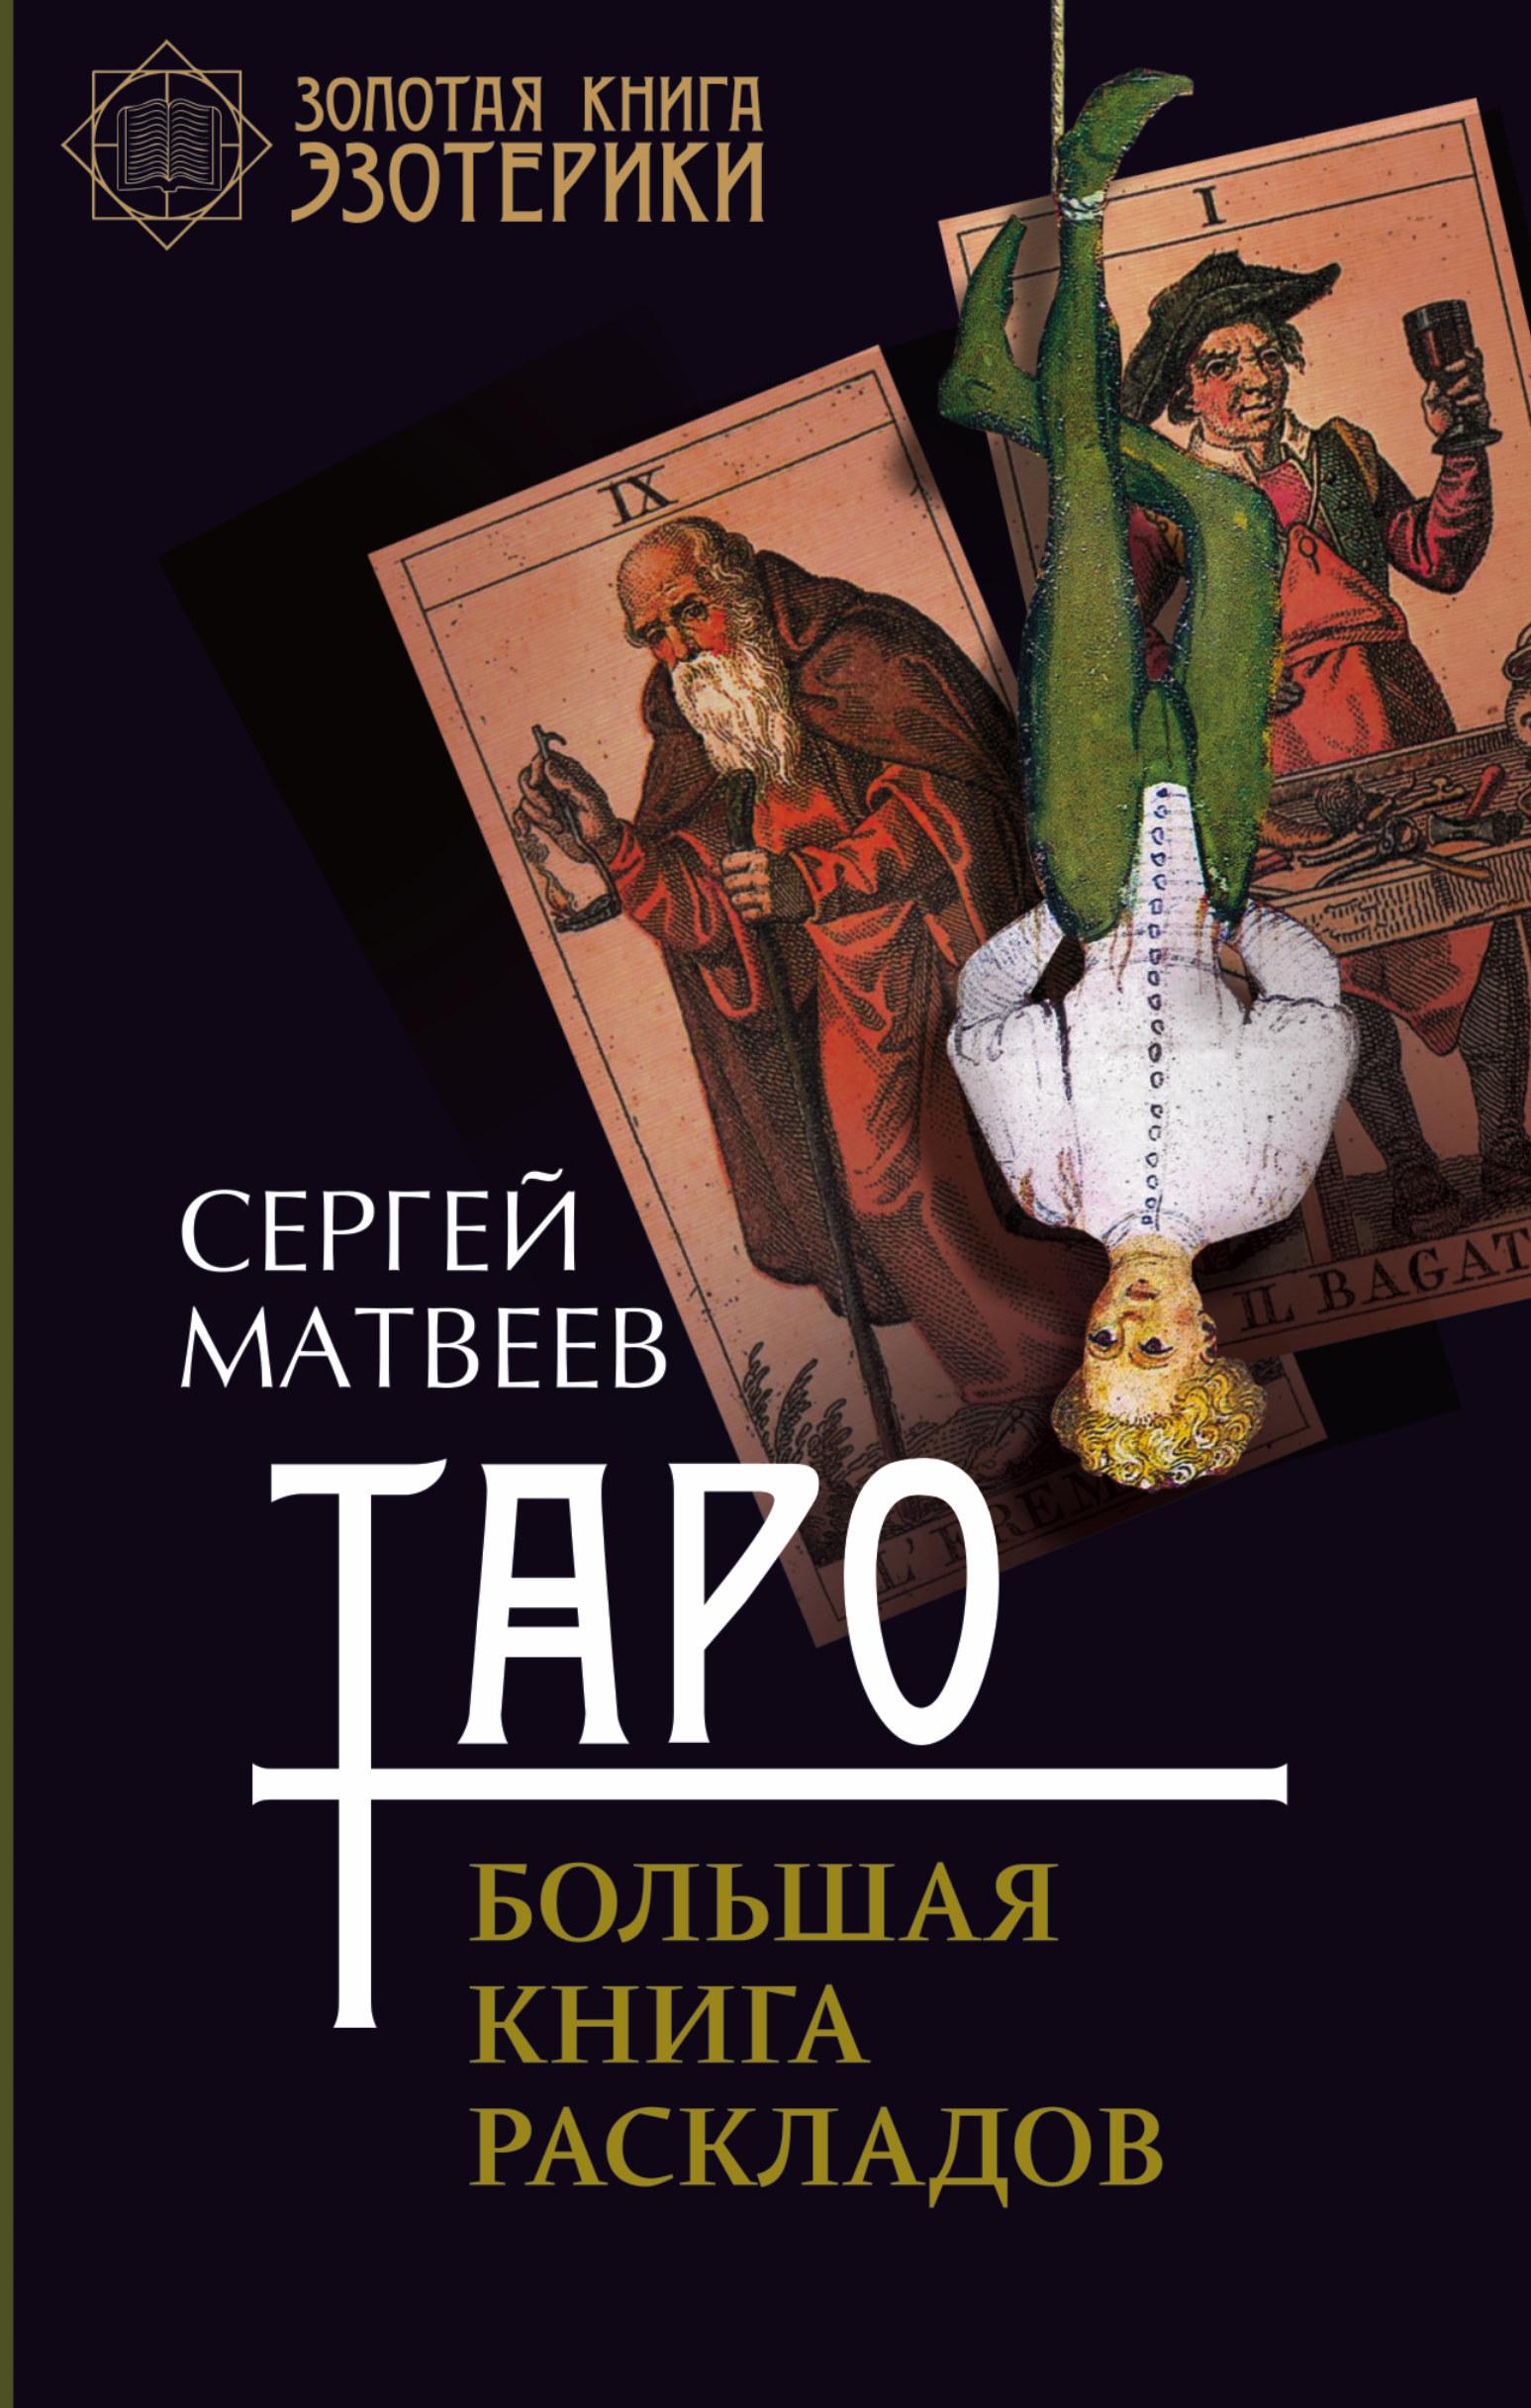 Сергей Матвеев Таро. Большая книга раскладов большая книга таро